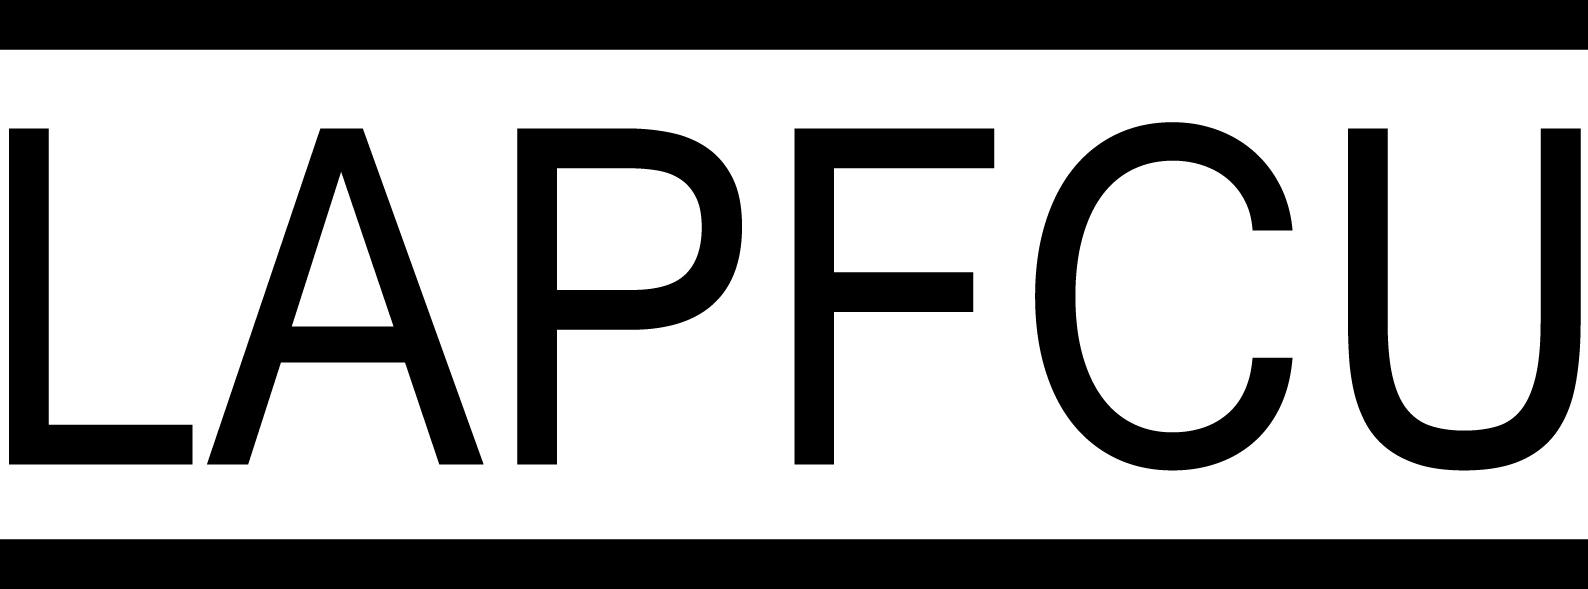 lapfcu-logo02